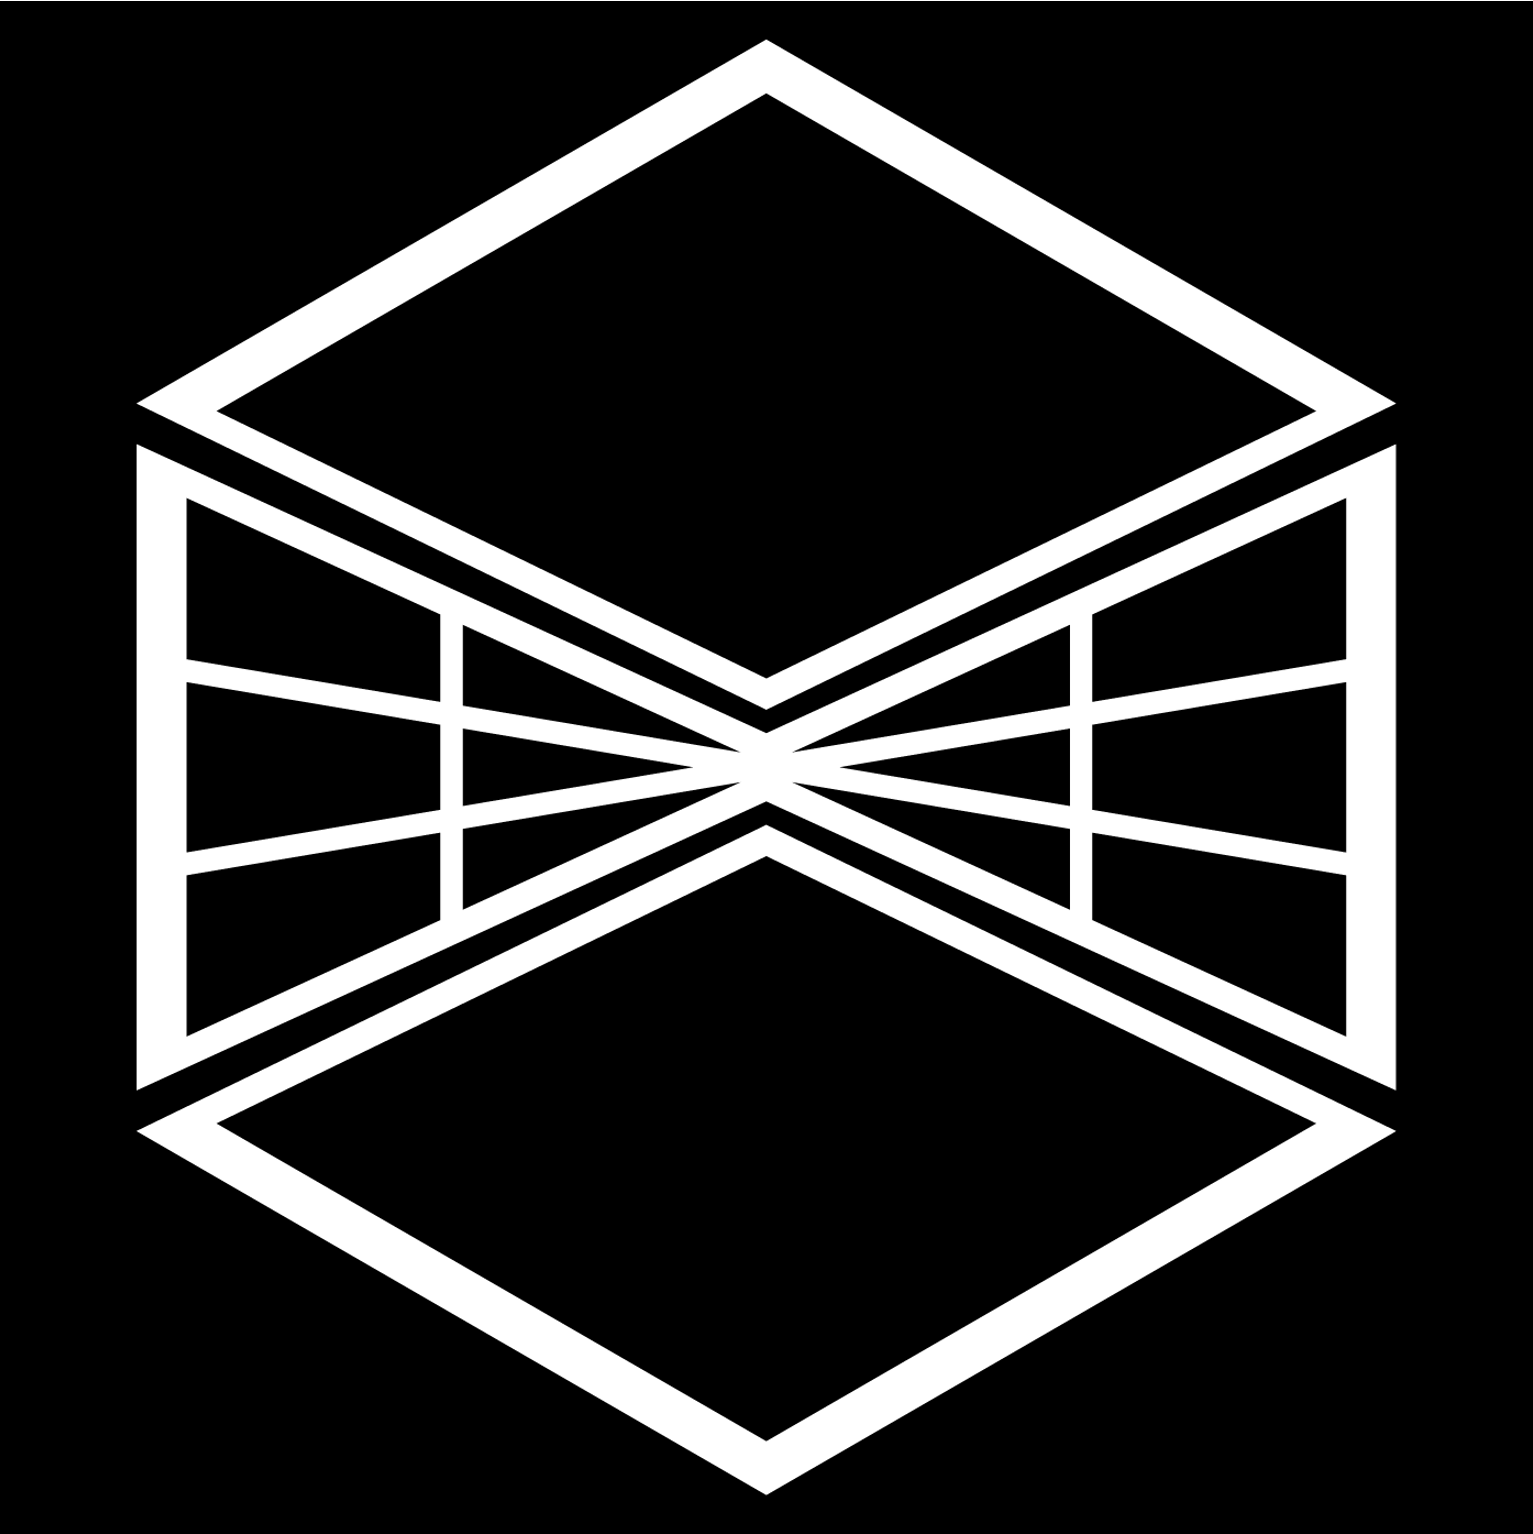 株式会社空間精度研究所